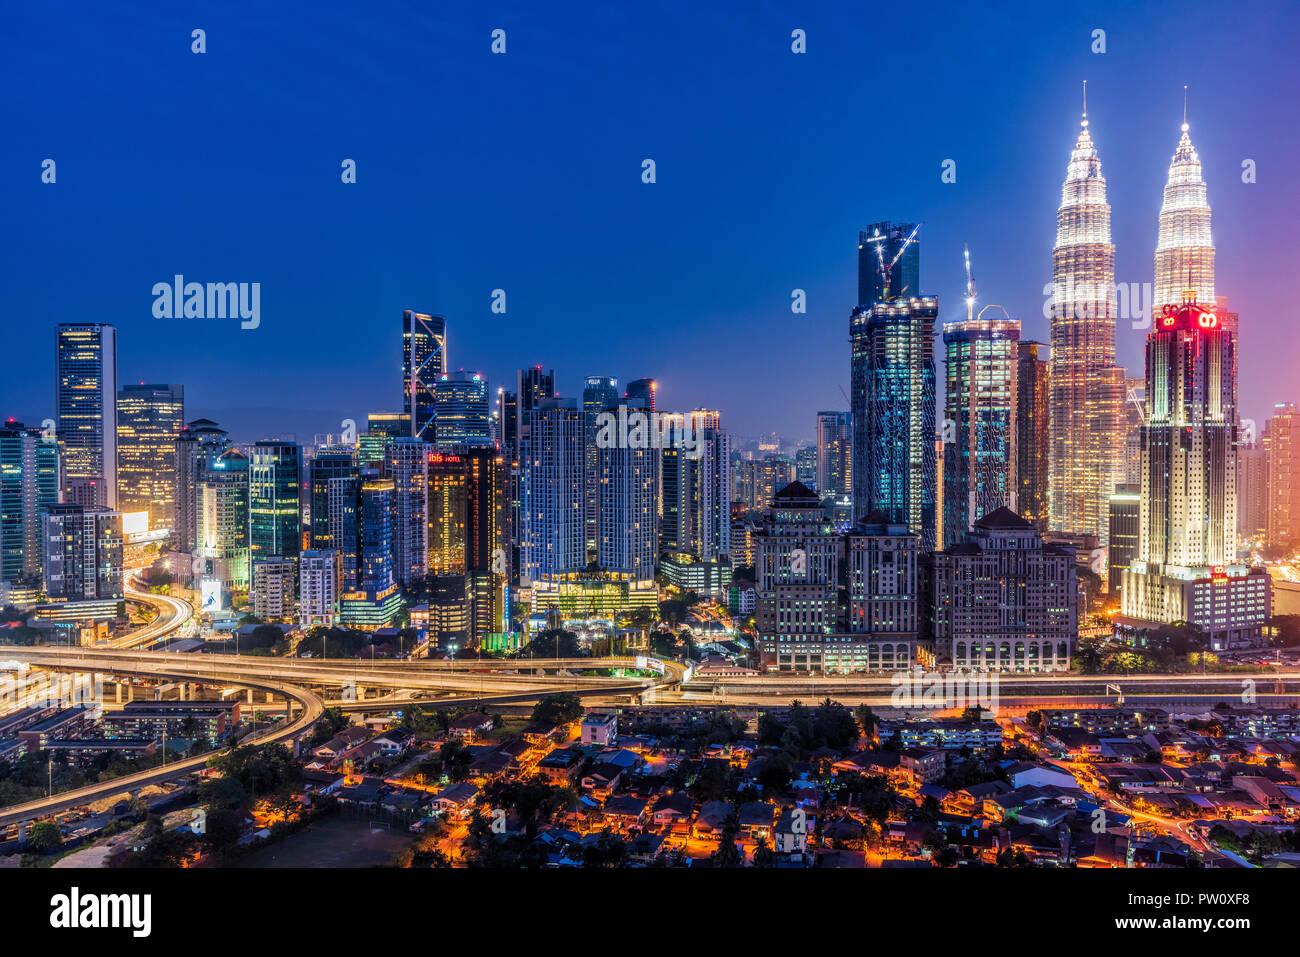 Skyline della città di notte, Kuala Lumpur, Malesia Immagini Stock